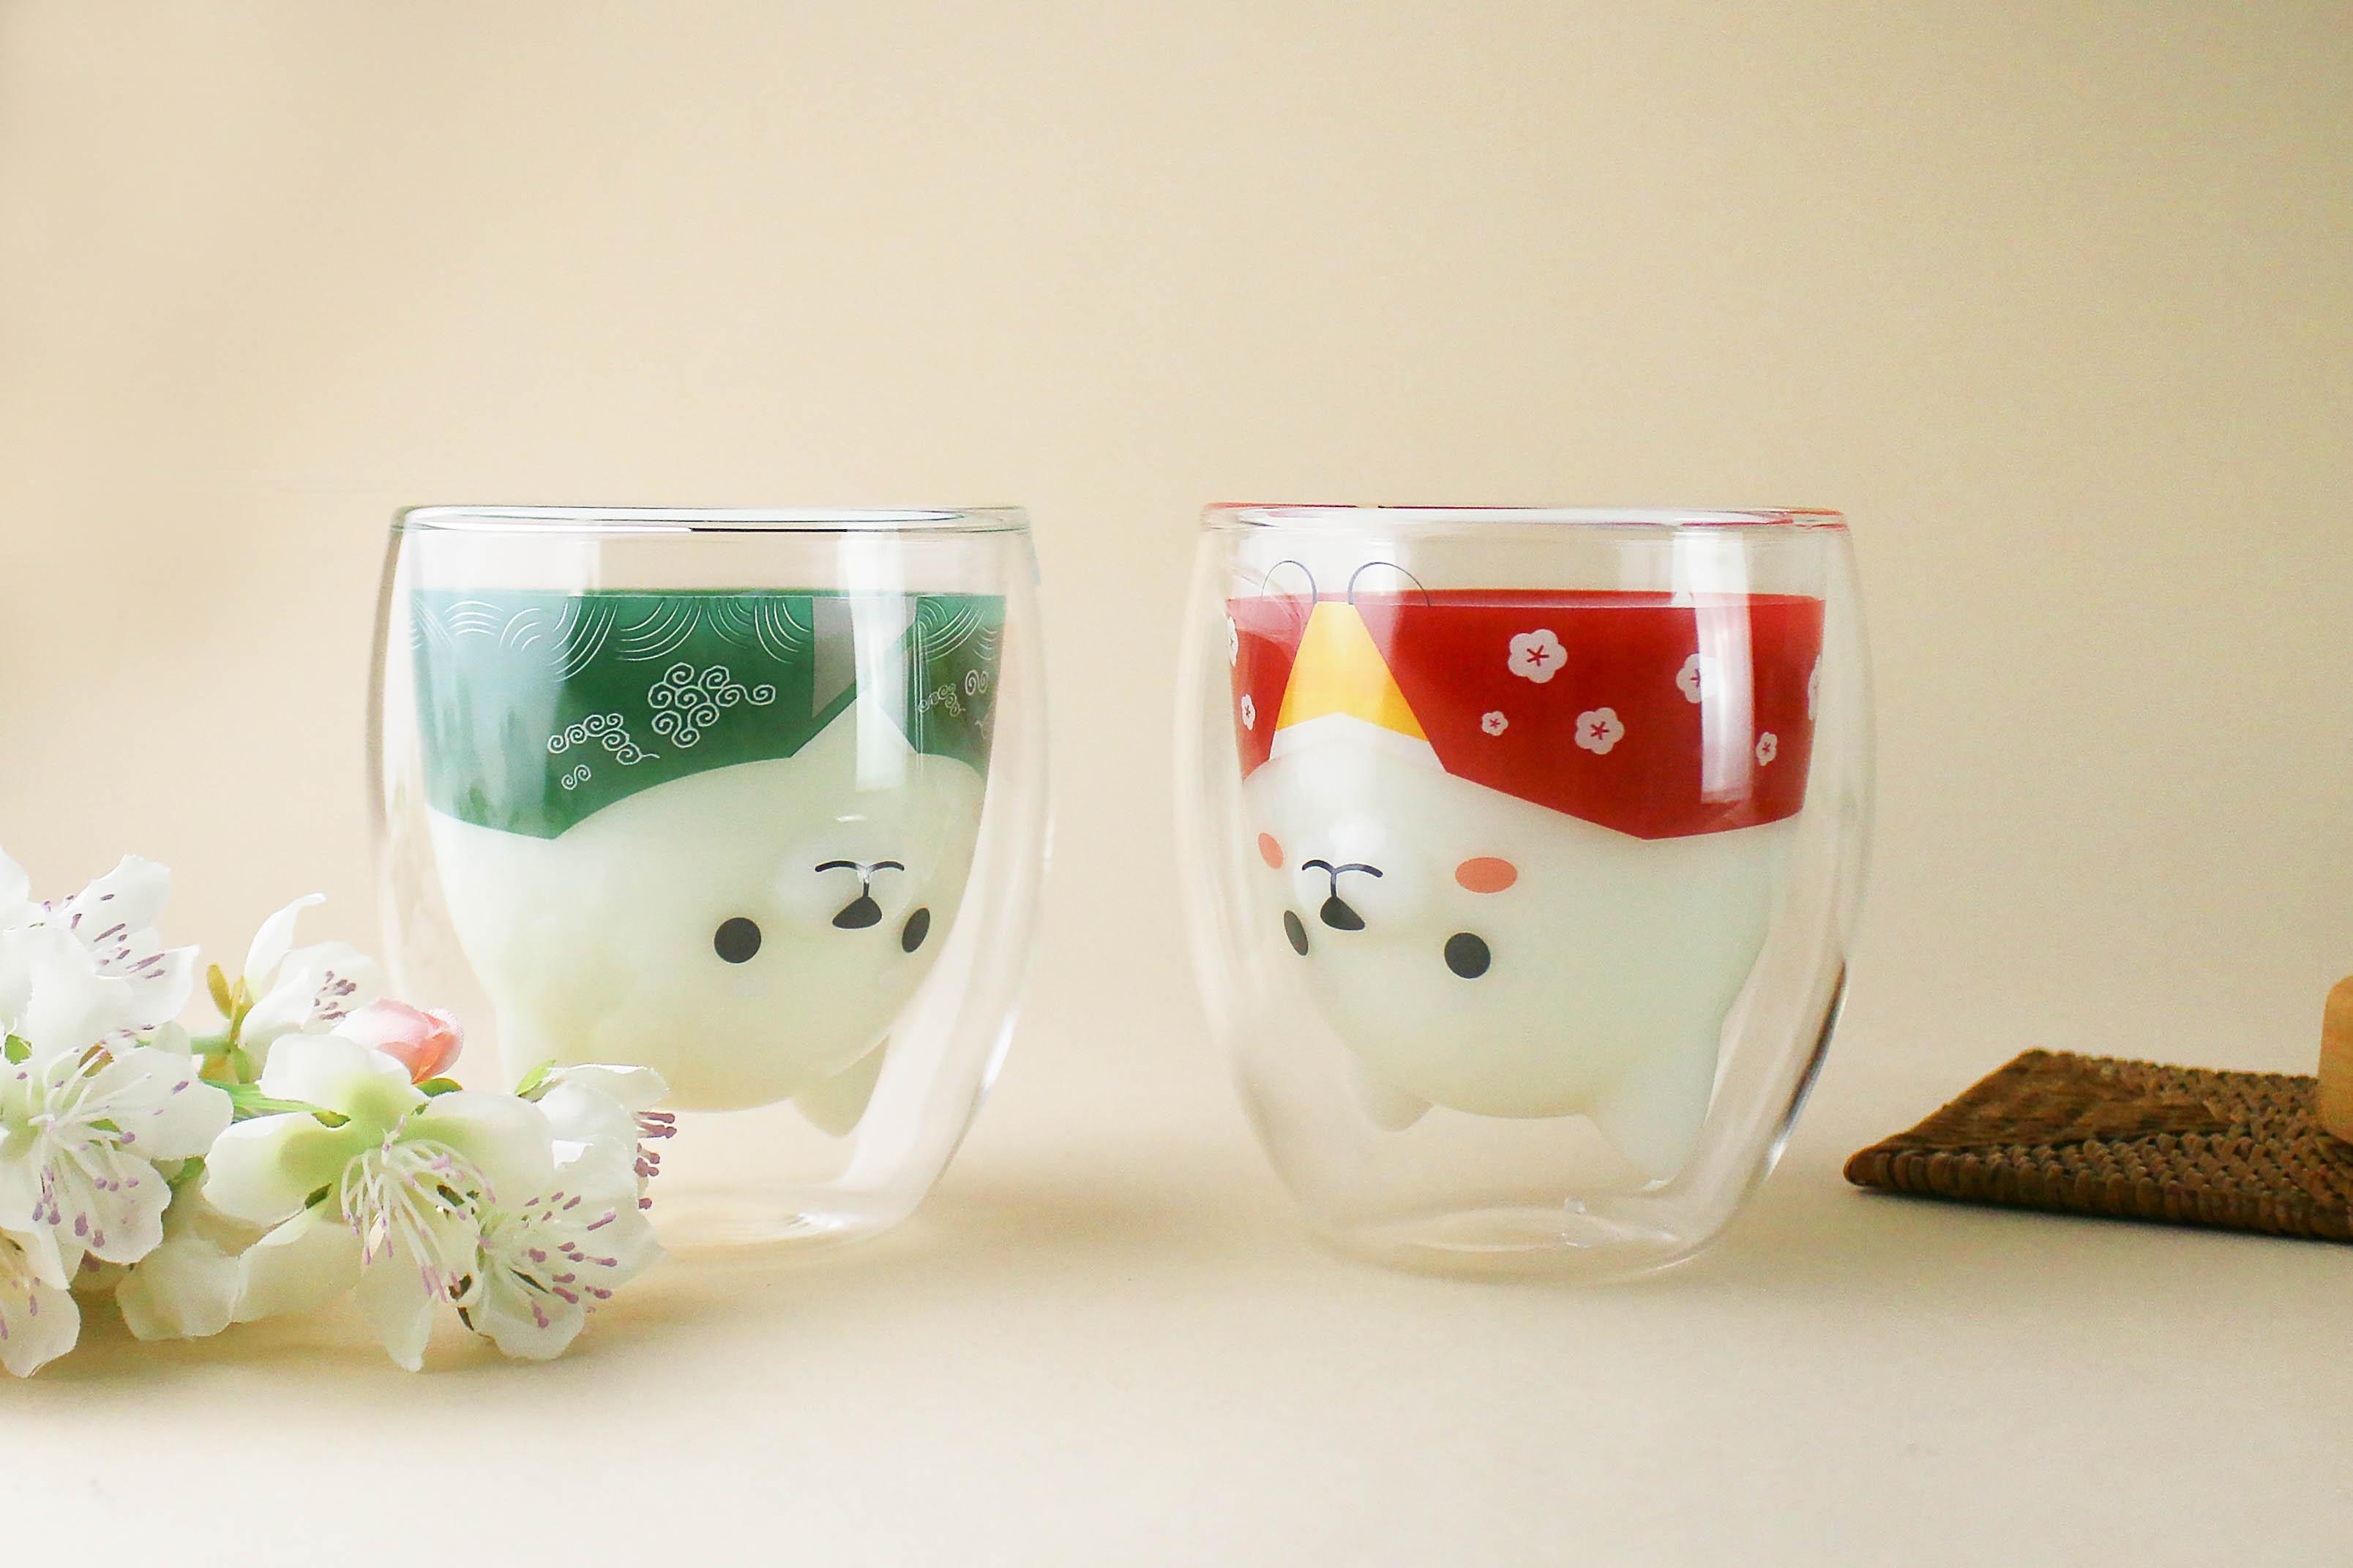 東急ハンズ梅田店に初登場!笑顔になるグラス「グッドグラス」が3月28日まで期間限定販売を実施